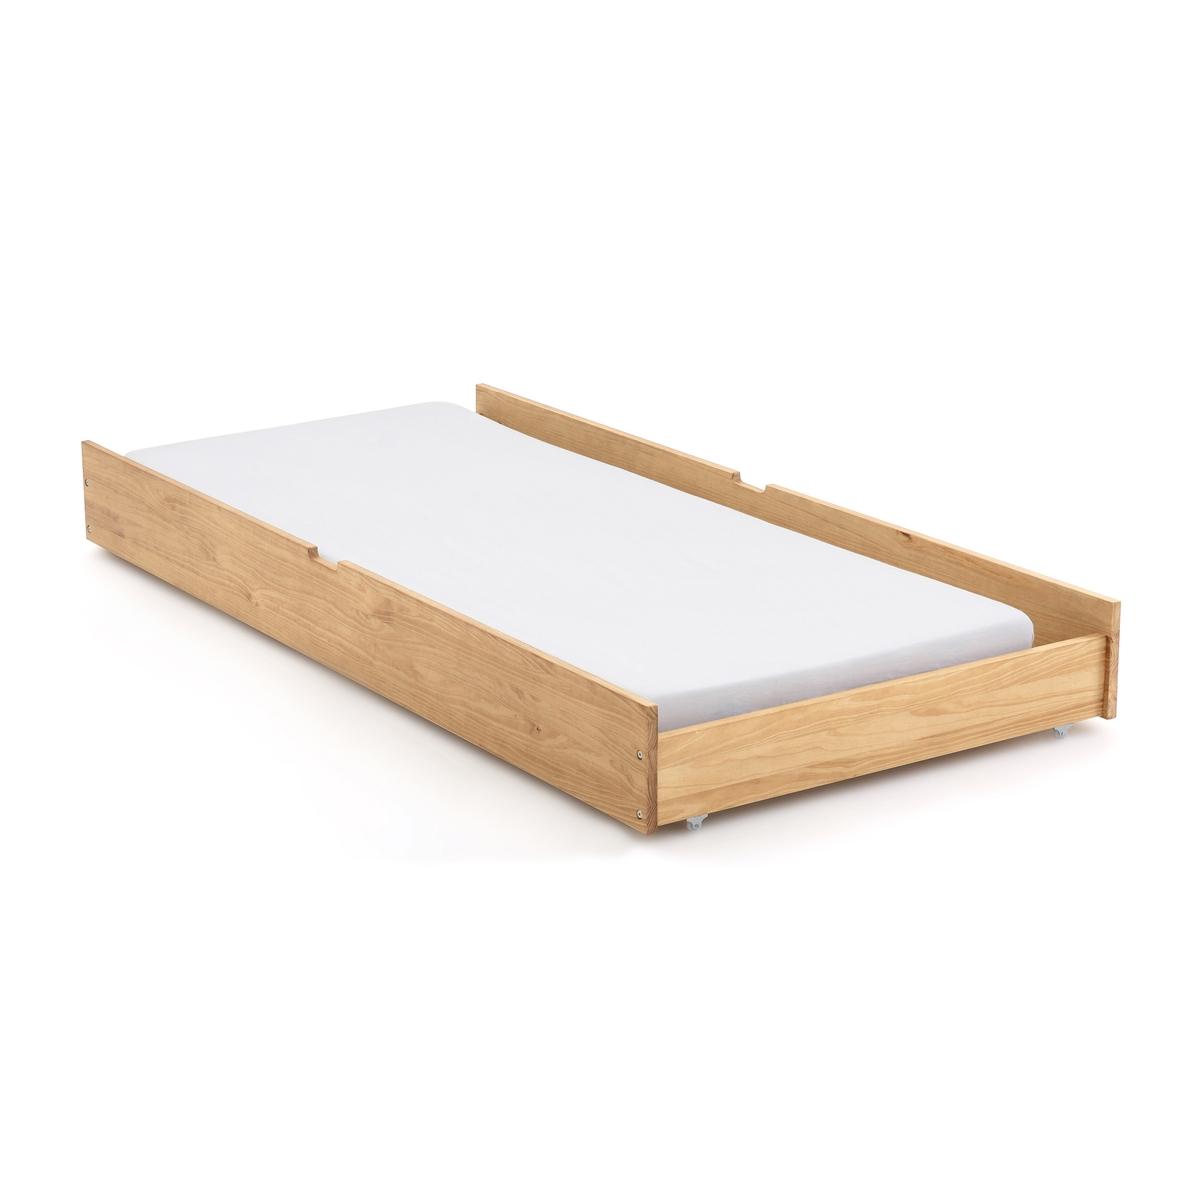 Ящик LaRedoute Для кровати с пологом Spidou единый размер каштановый матрас laredoute с поролоном для кровати ящика 90 x 180 x 12 красный